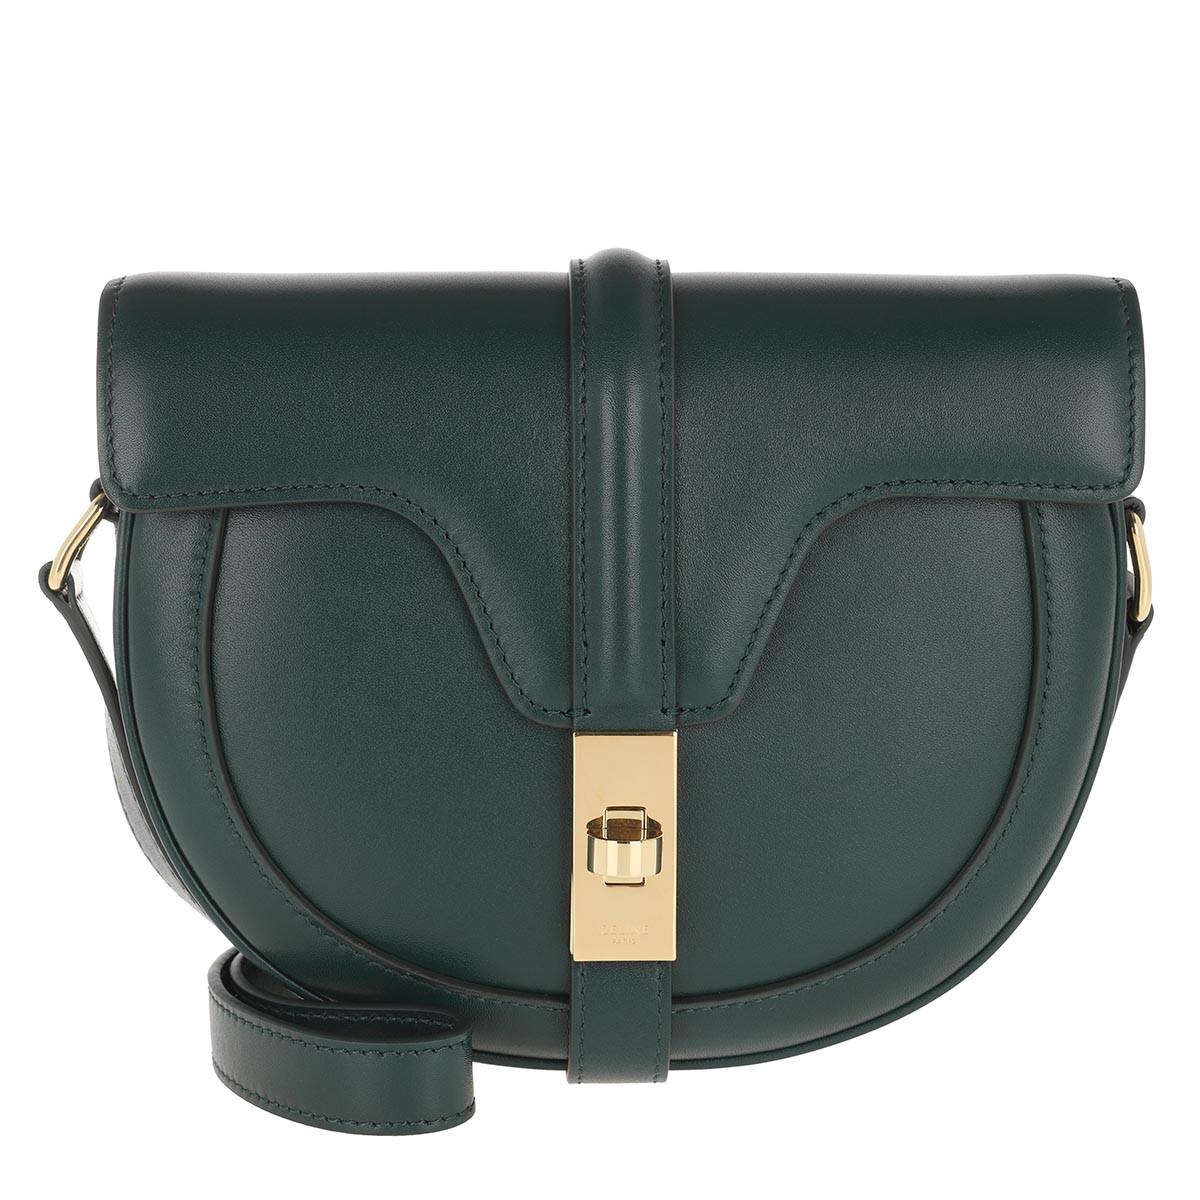 Celine Umhängetasche - Small Besace 16 Bag Satinated Calfskin Amazone - in grün - für Damen